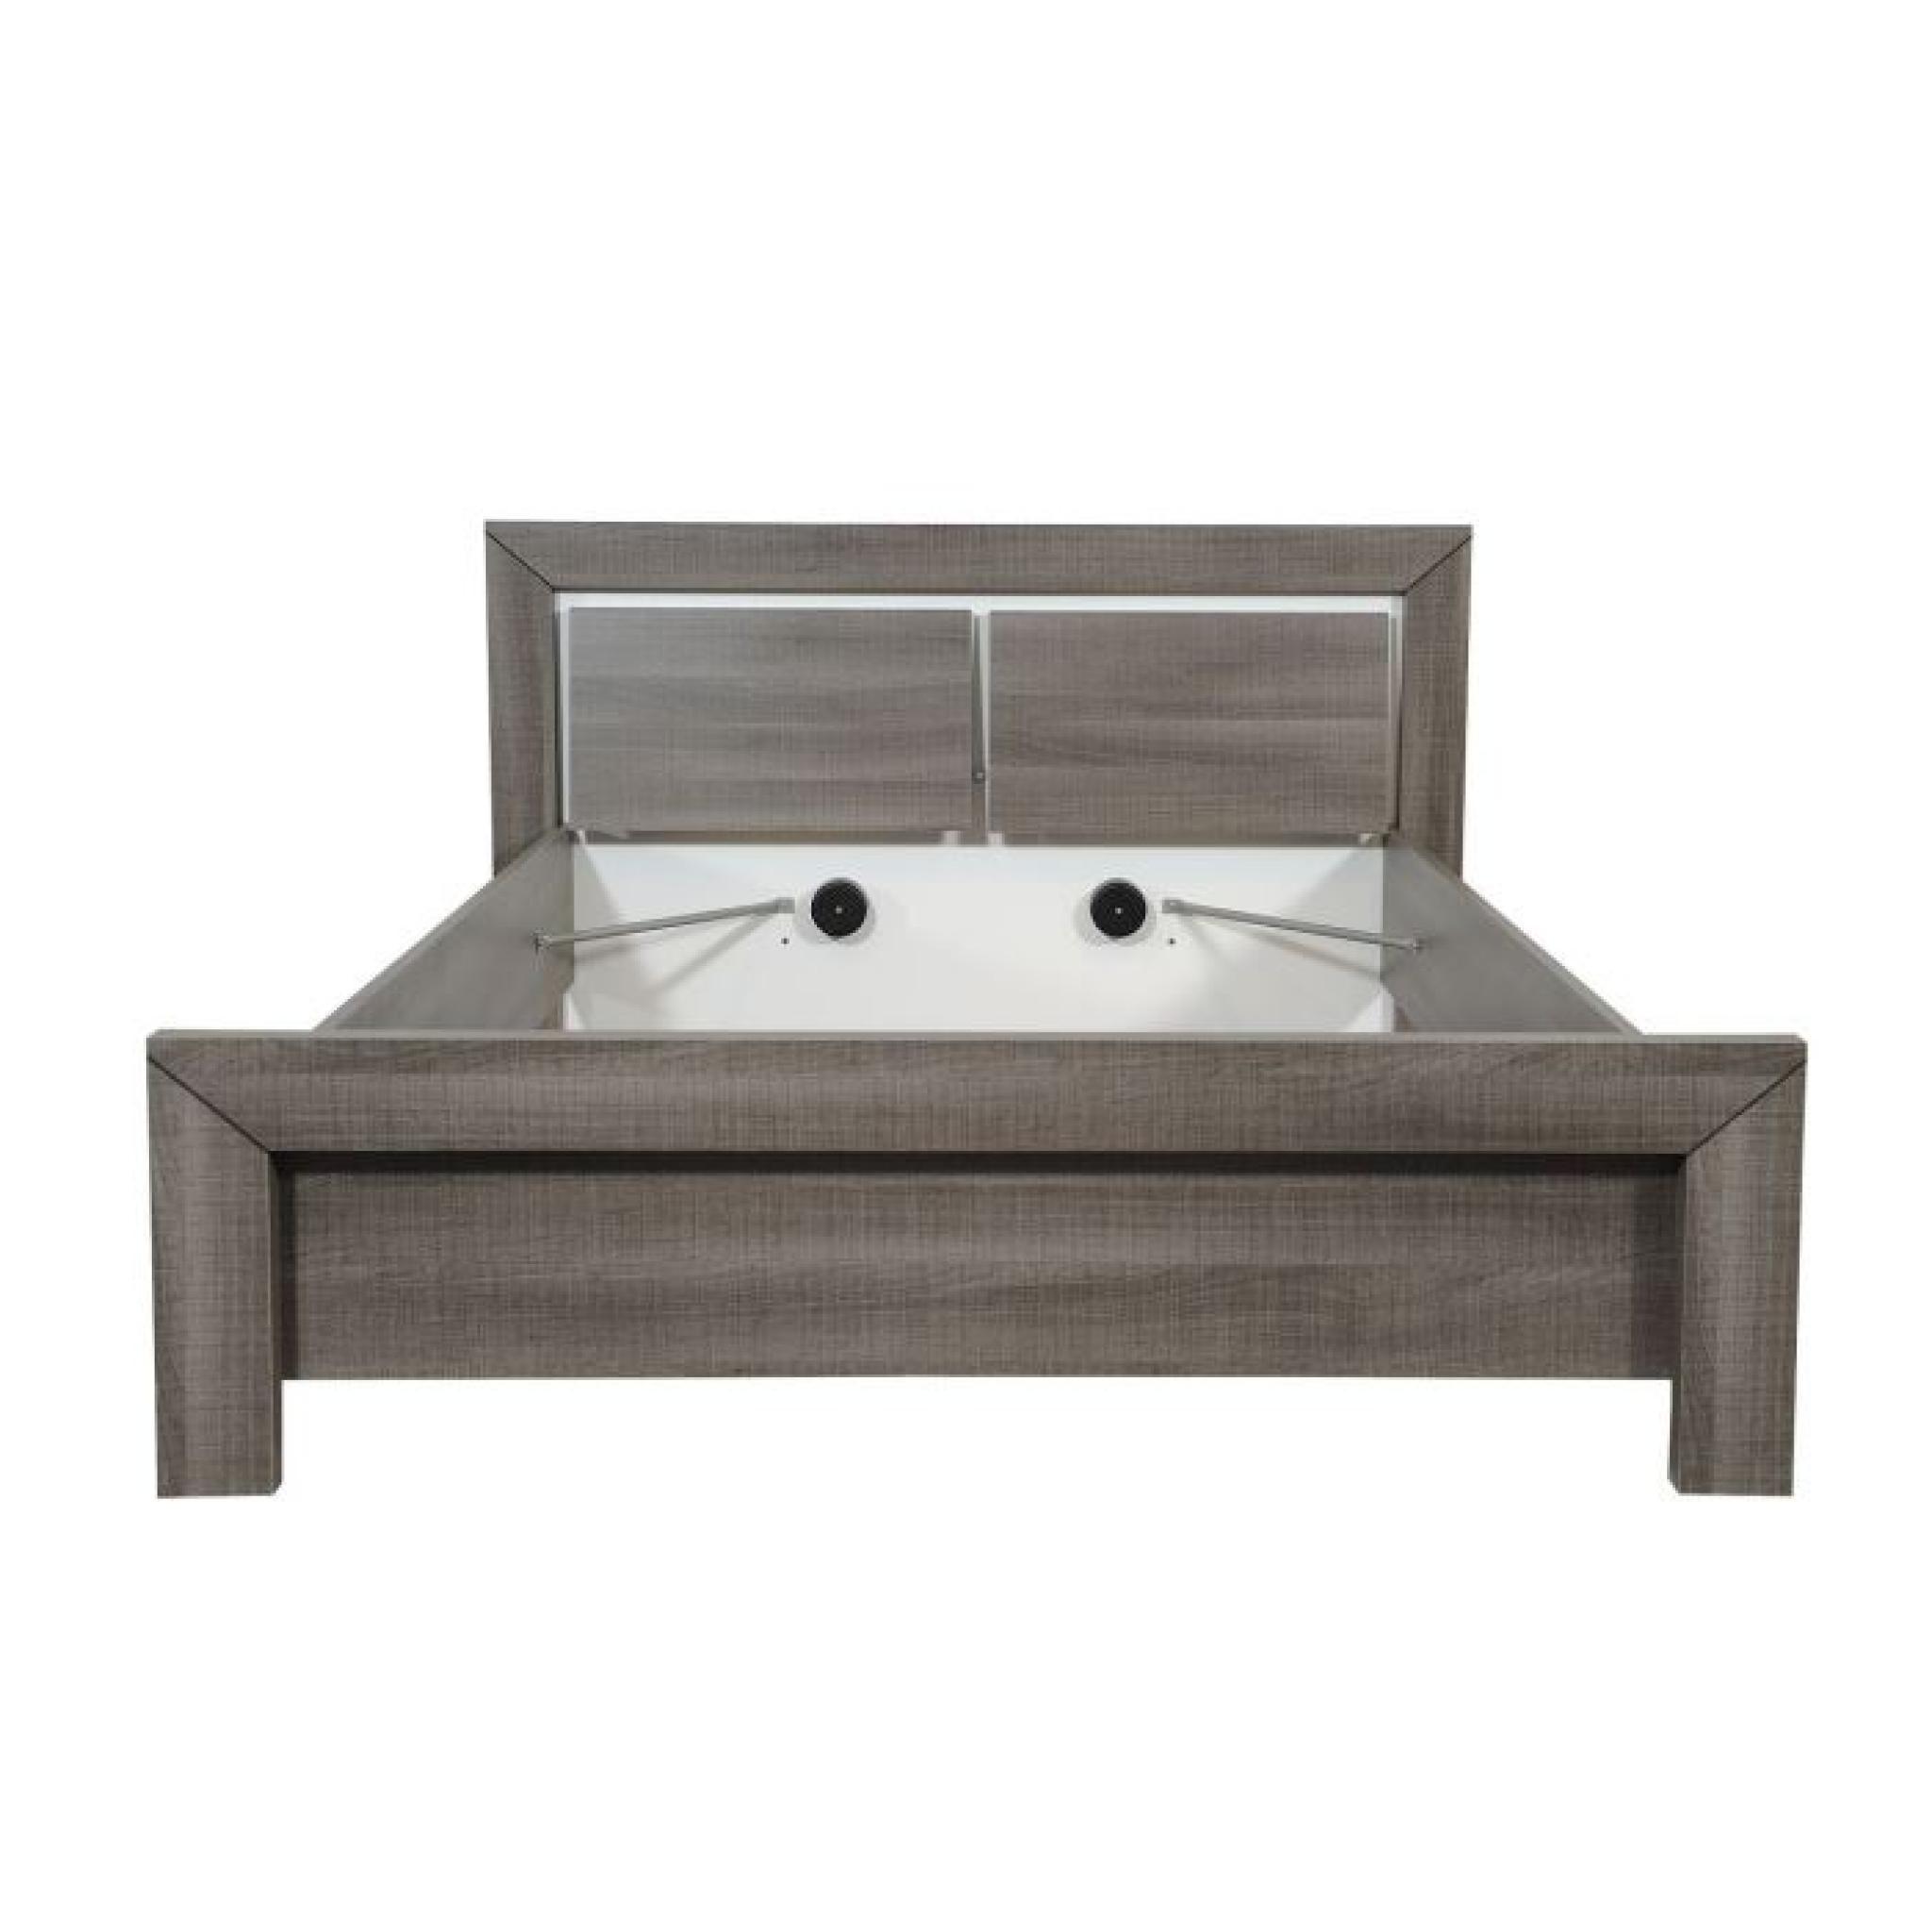 avignon lit adulte 160 x 200 cm coloris bois gris achat vente lit pas cher couleur et. Black Bedroom Furniture Sets. Home Design Ideas